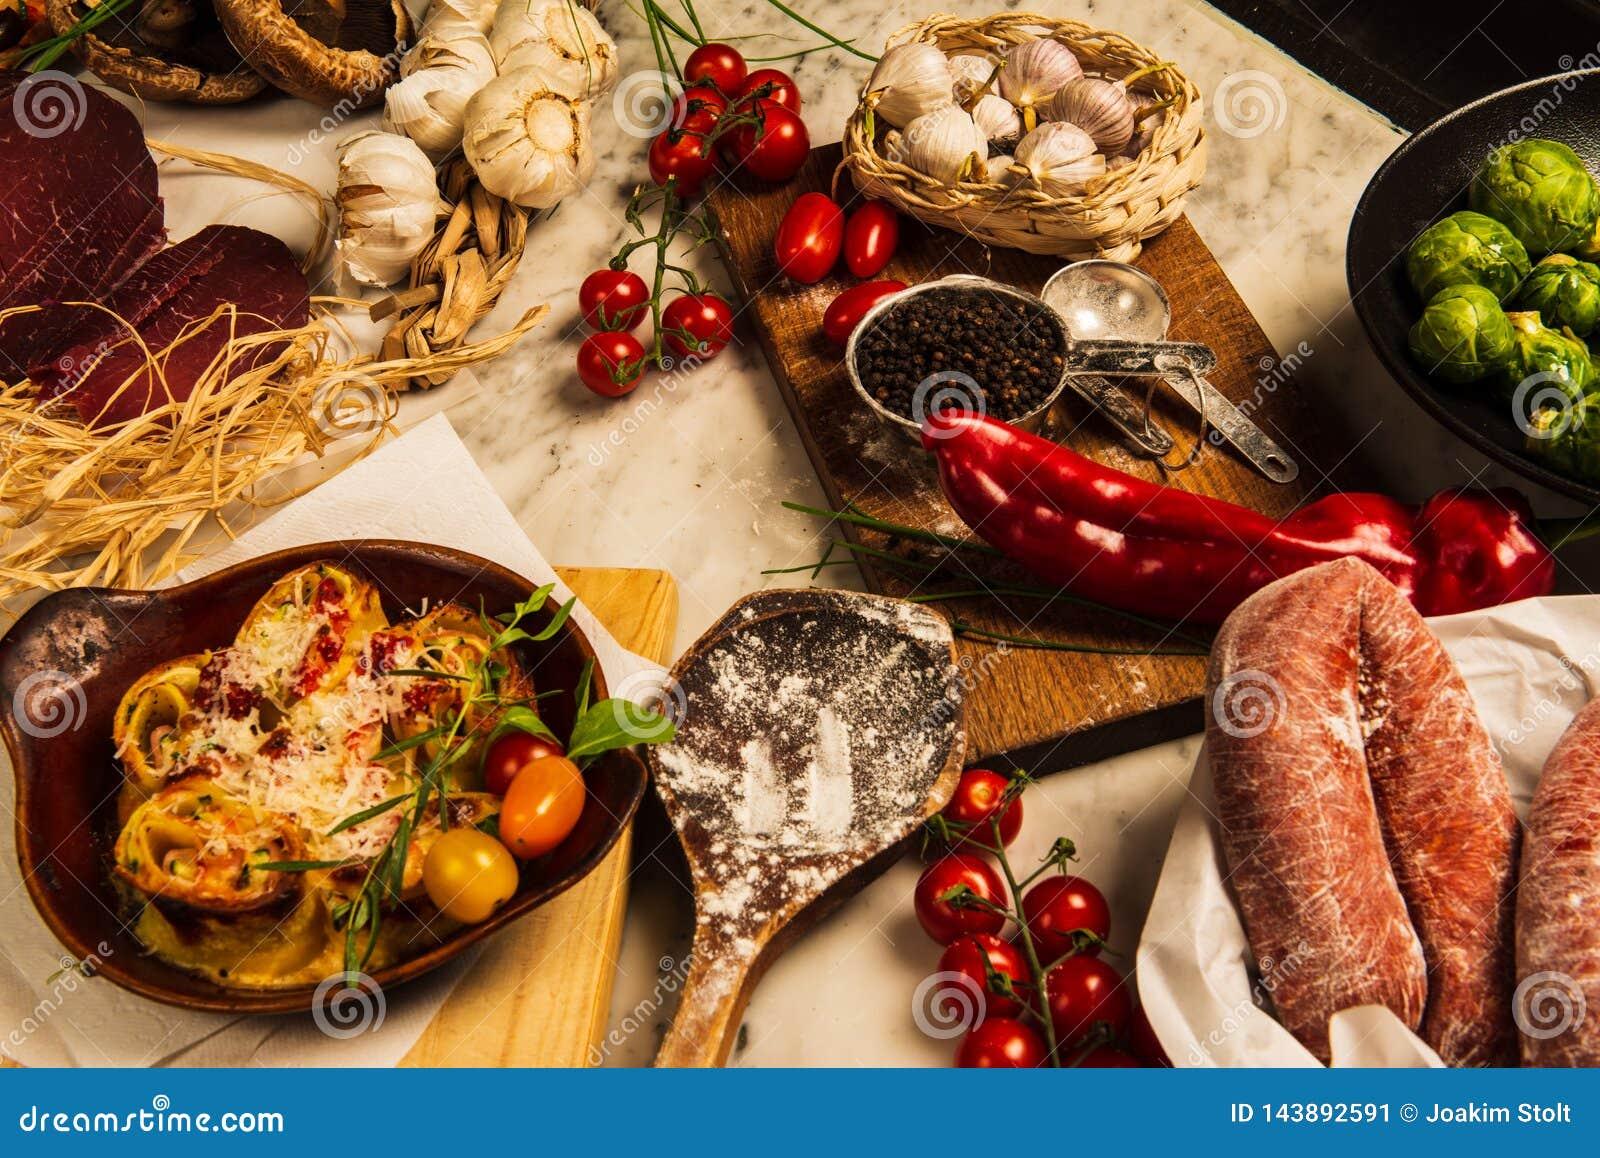 Salchichas, pastas y coles de Bruselas